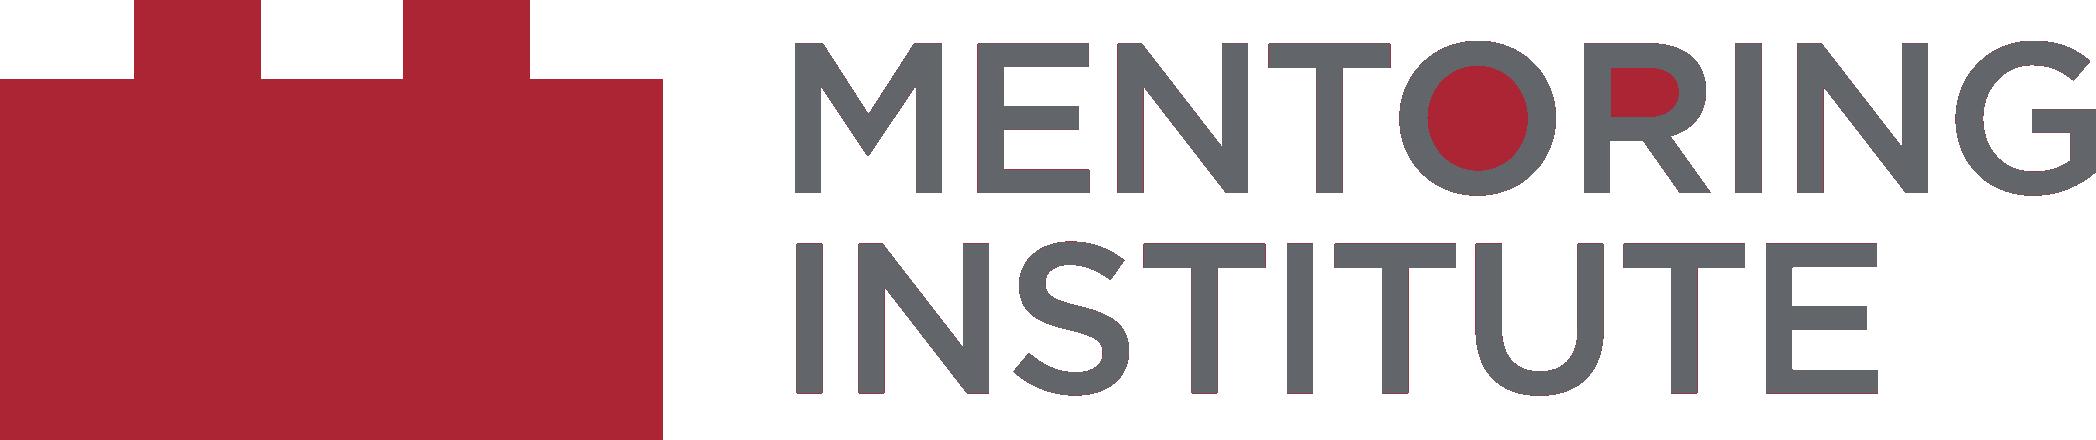 UNM Mentoring Institute